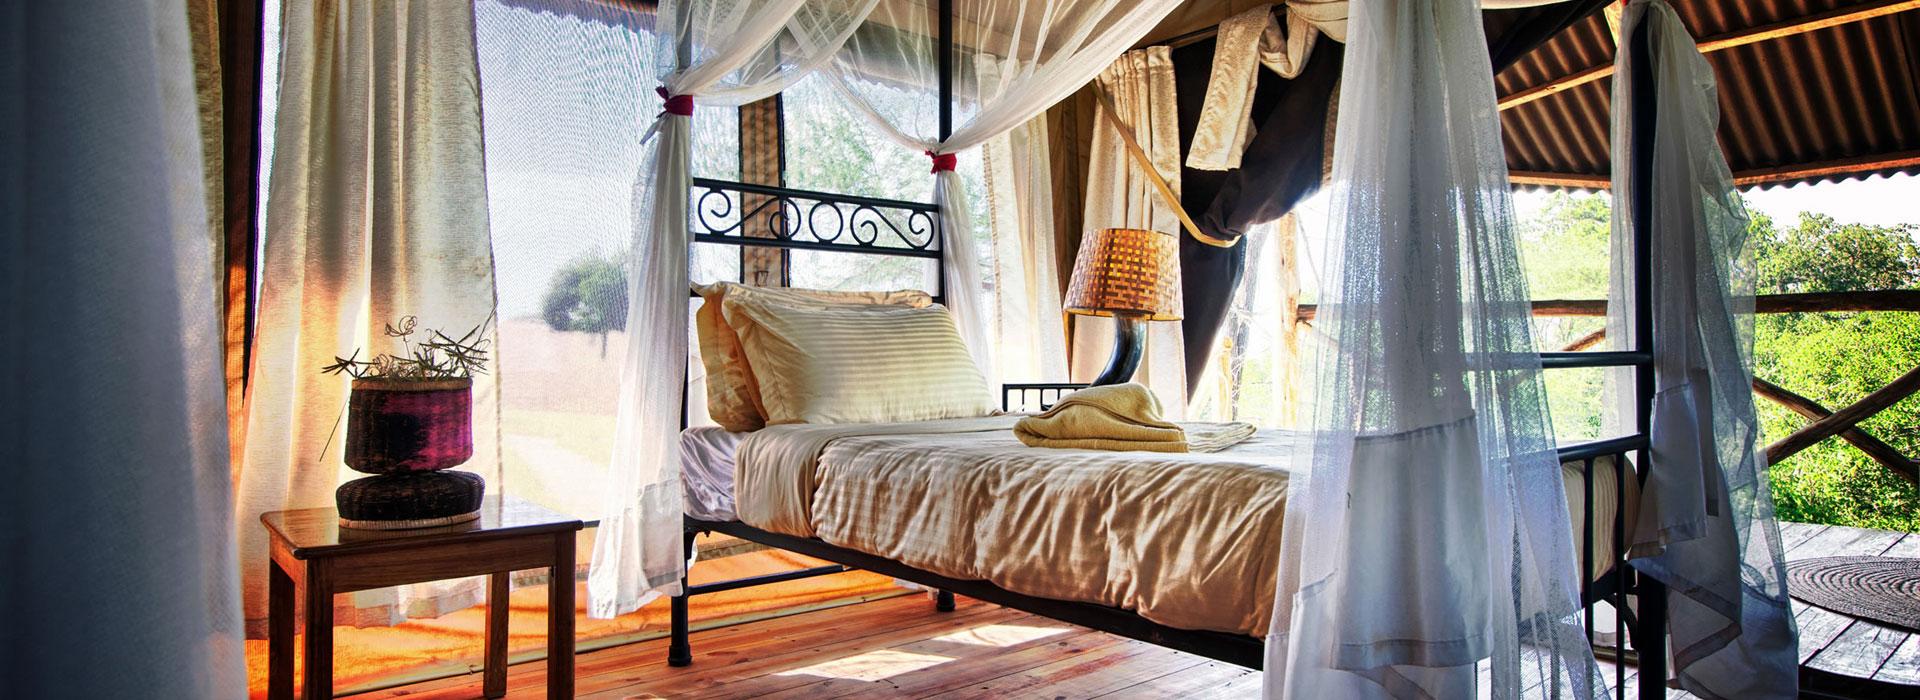 Tanzania Accommodations